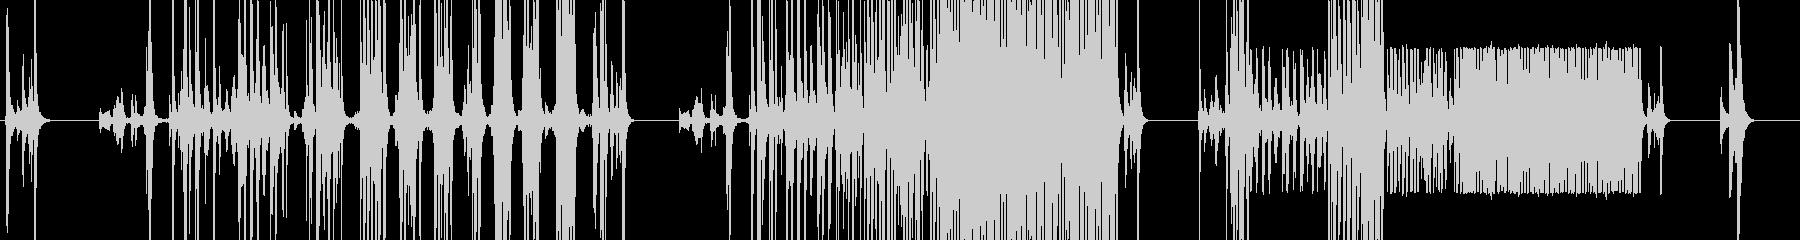 ポートカリス;上下ラチェット機構付...の未再生の波形